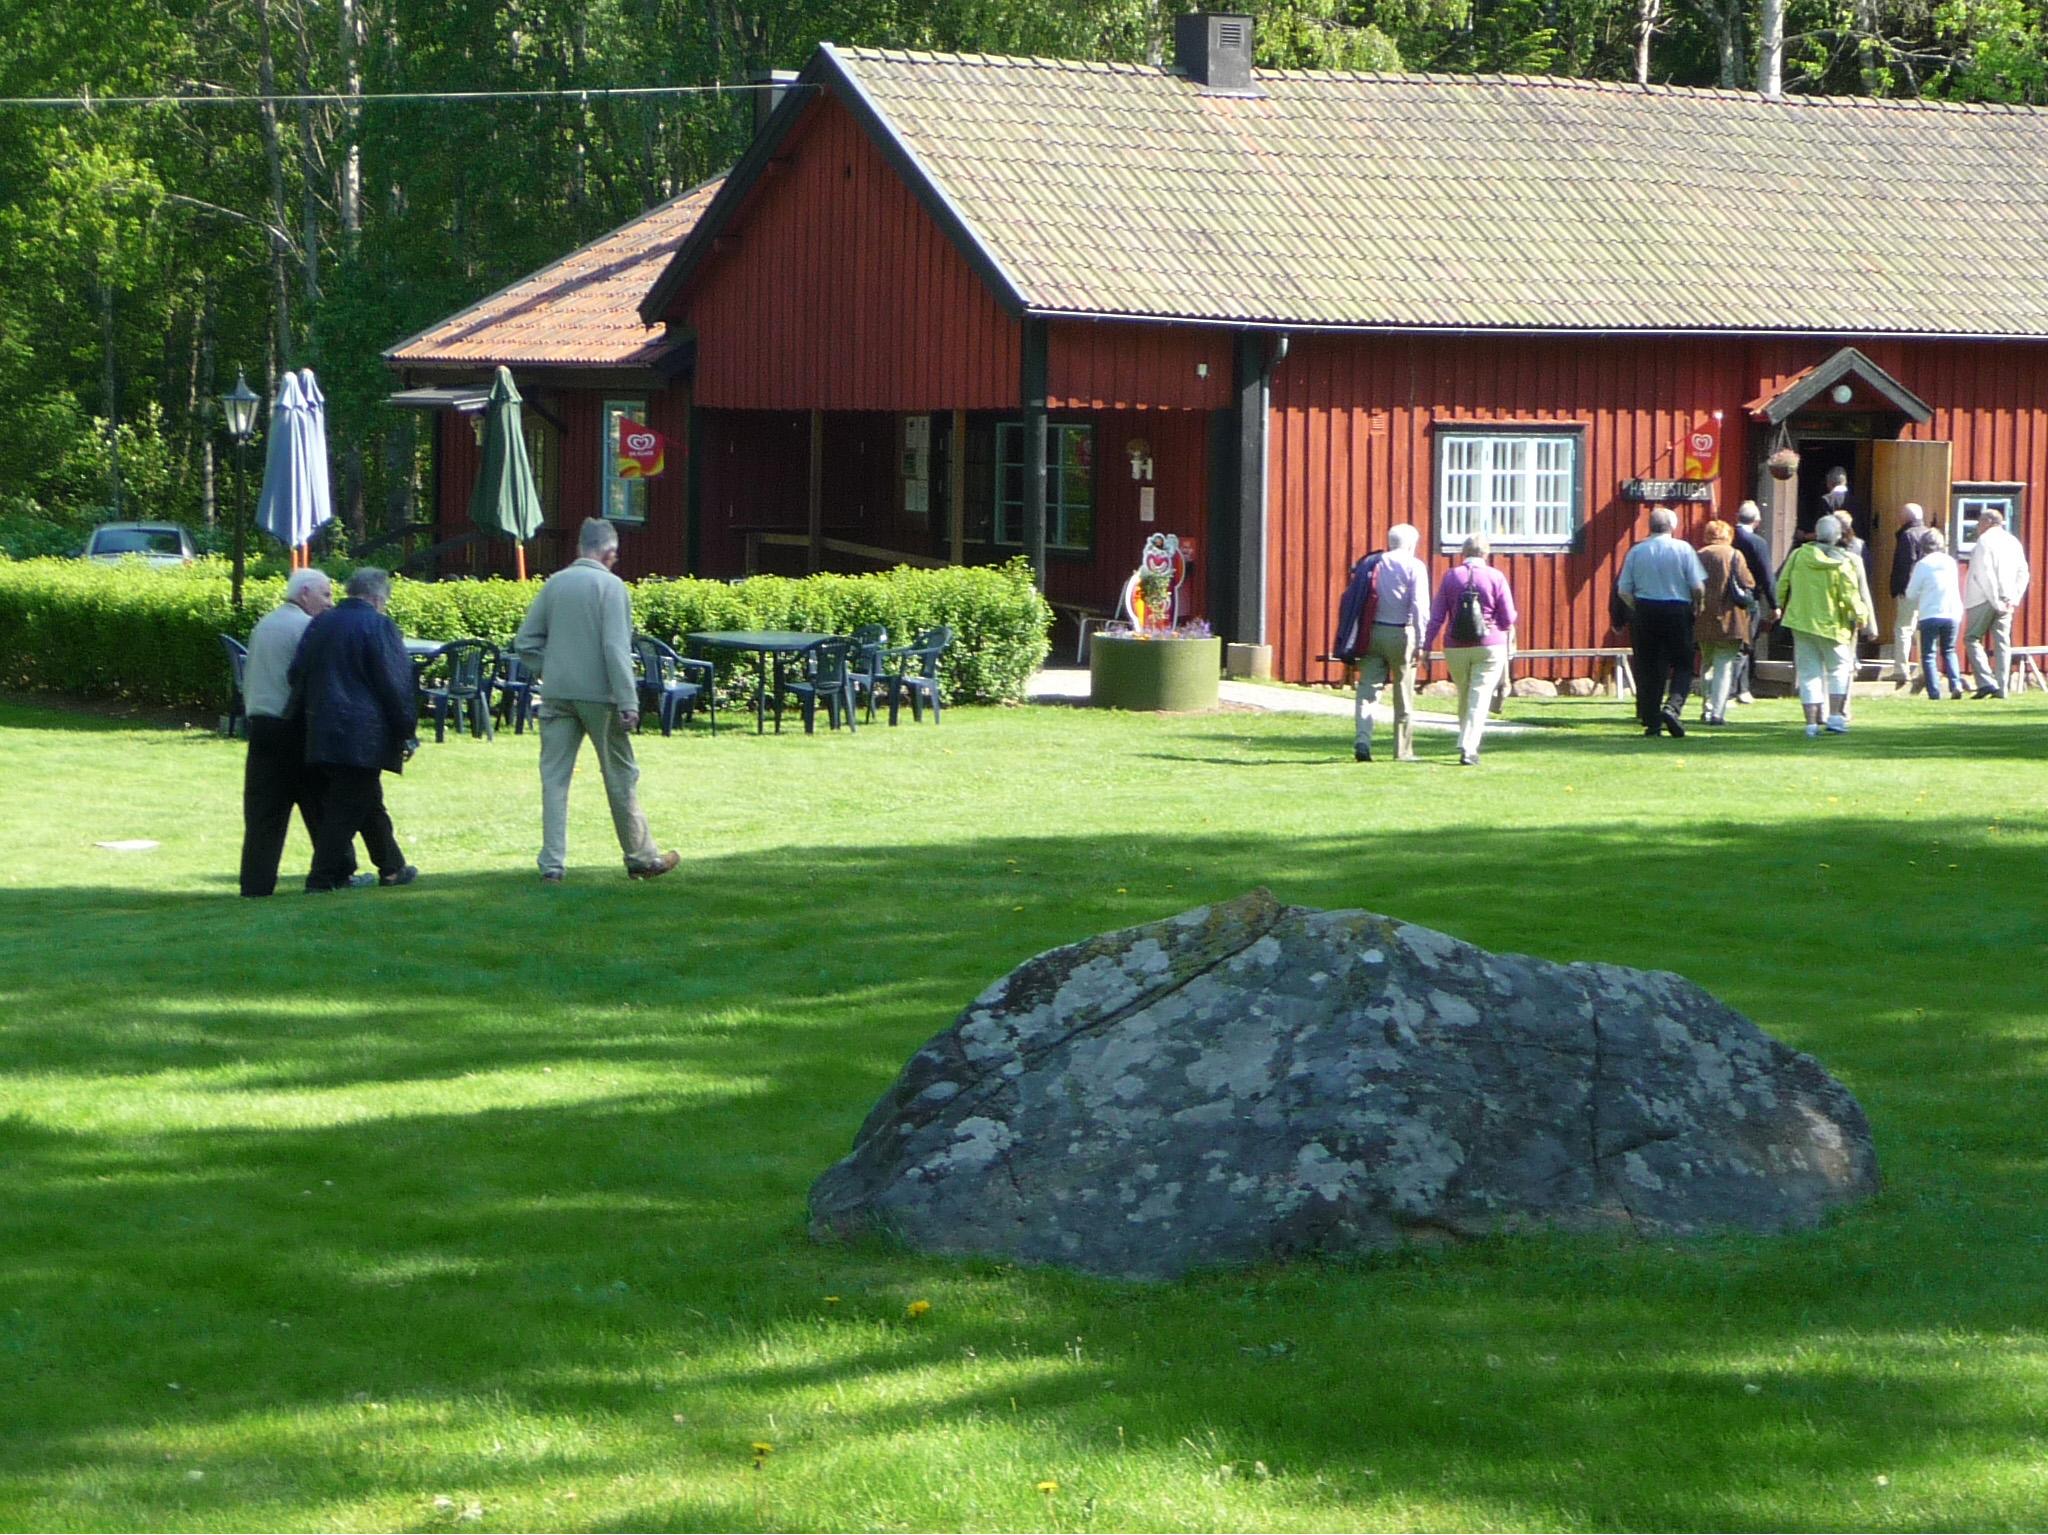 2011 Arboretum, Floby och Bredablick - 02